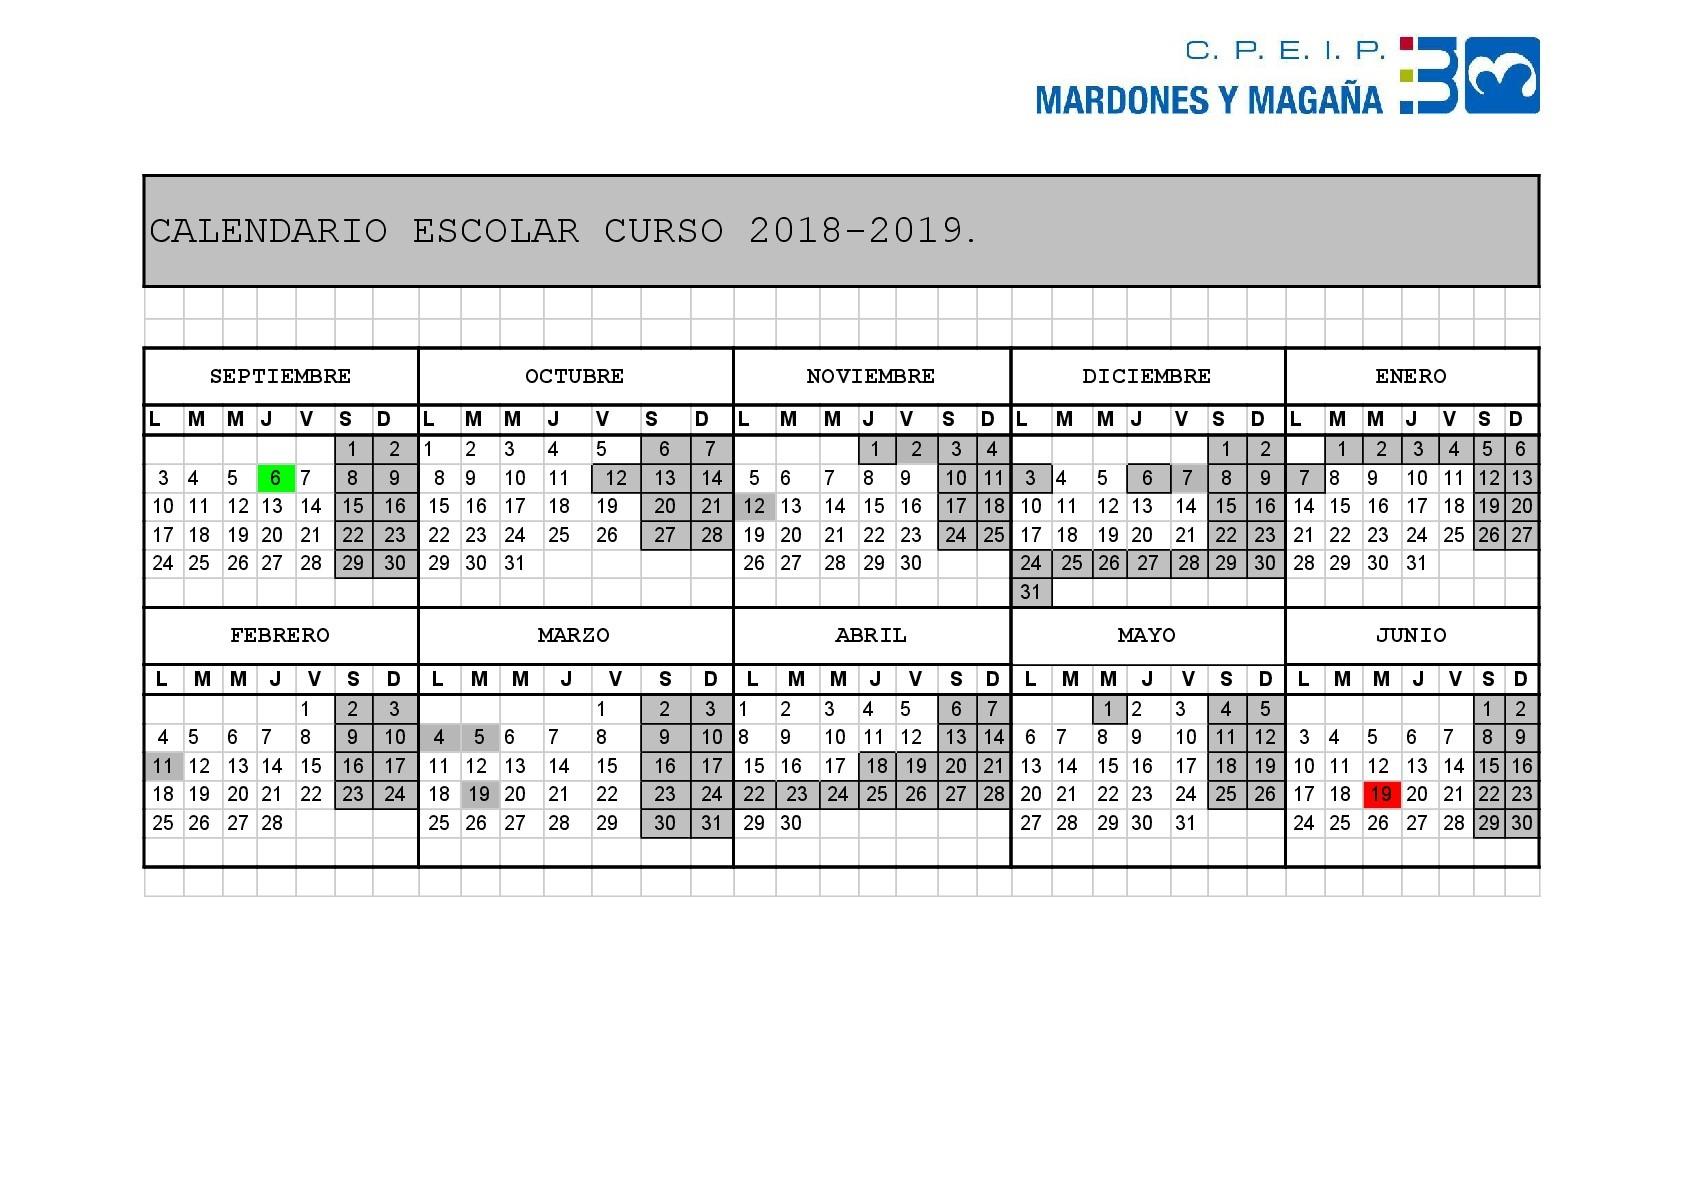 Calendario Escolar 2019 Navarra Recientes Bienvenid S Al Cpeip Mardones Y Maga±a Of Calendario Escolar 2019 Navarra Más Recientes Ci Agroforestal Nekazaritza Eta Basogintzako Ii – Sitio Web Del